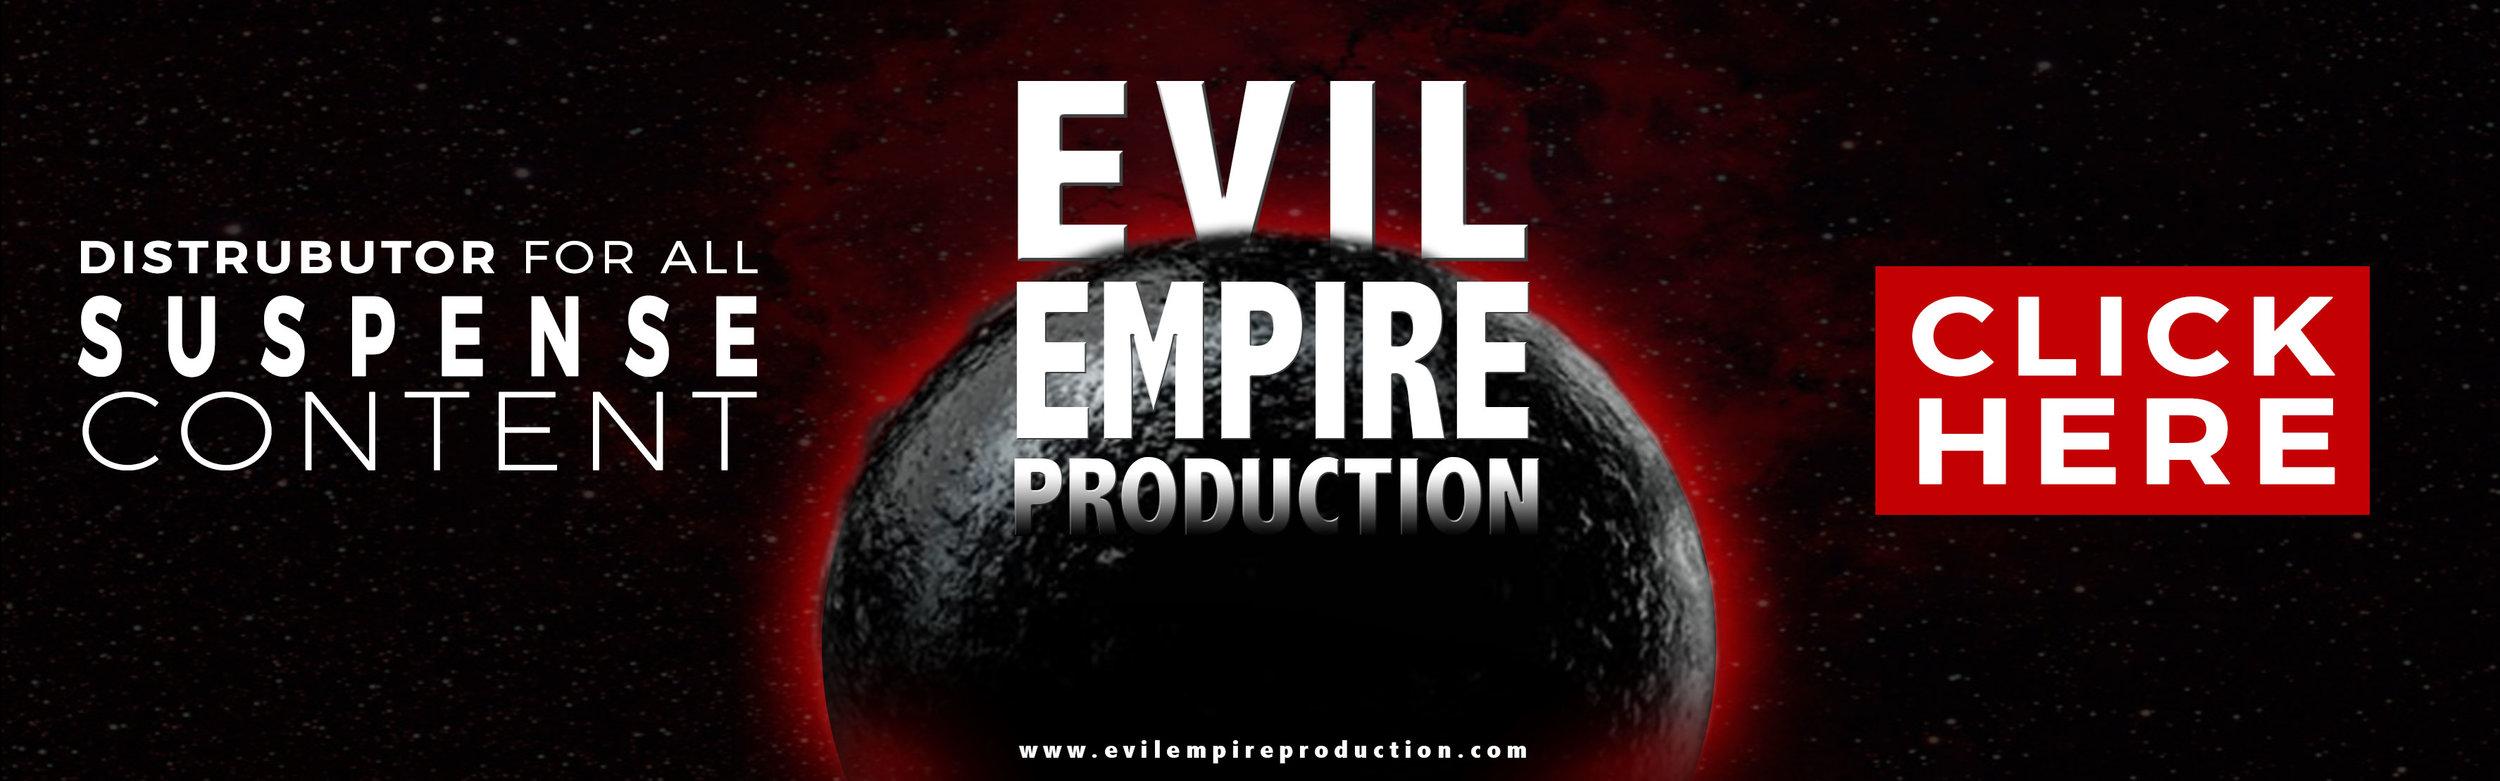 EEP-AD-suspense-wide-banner.jpg